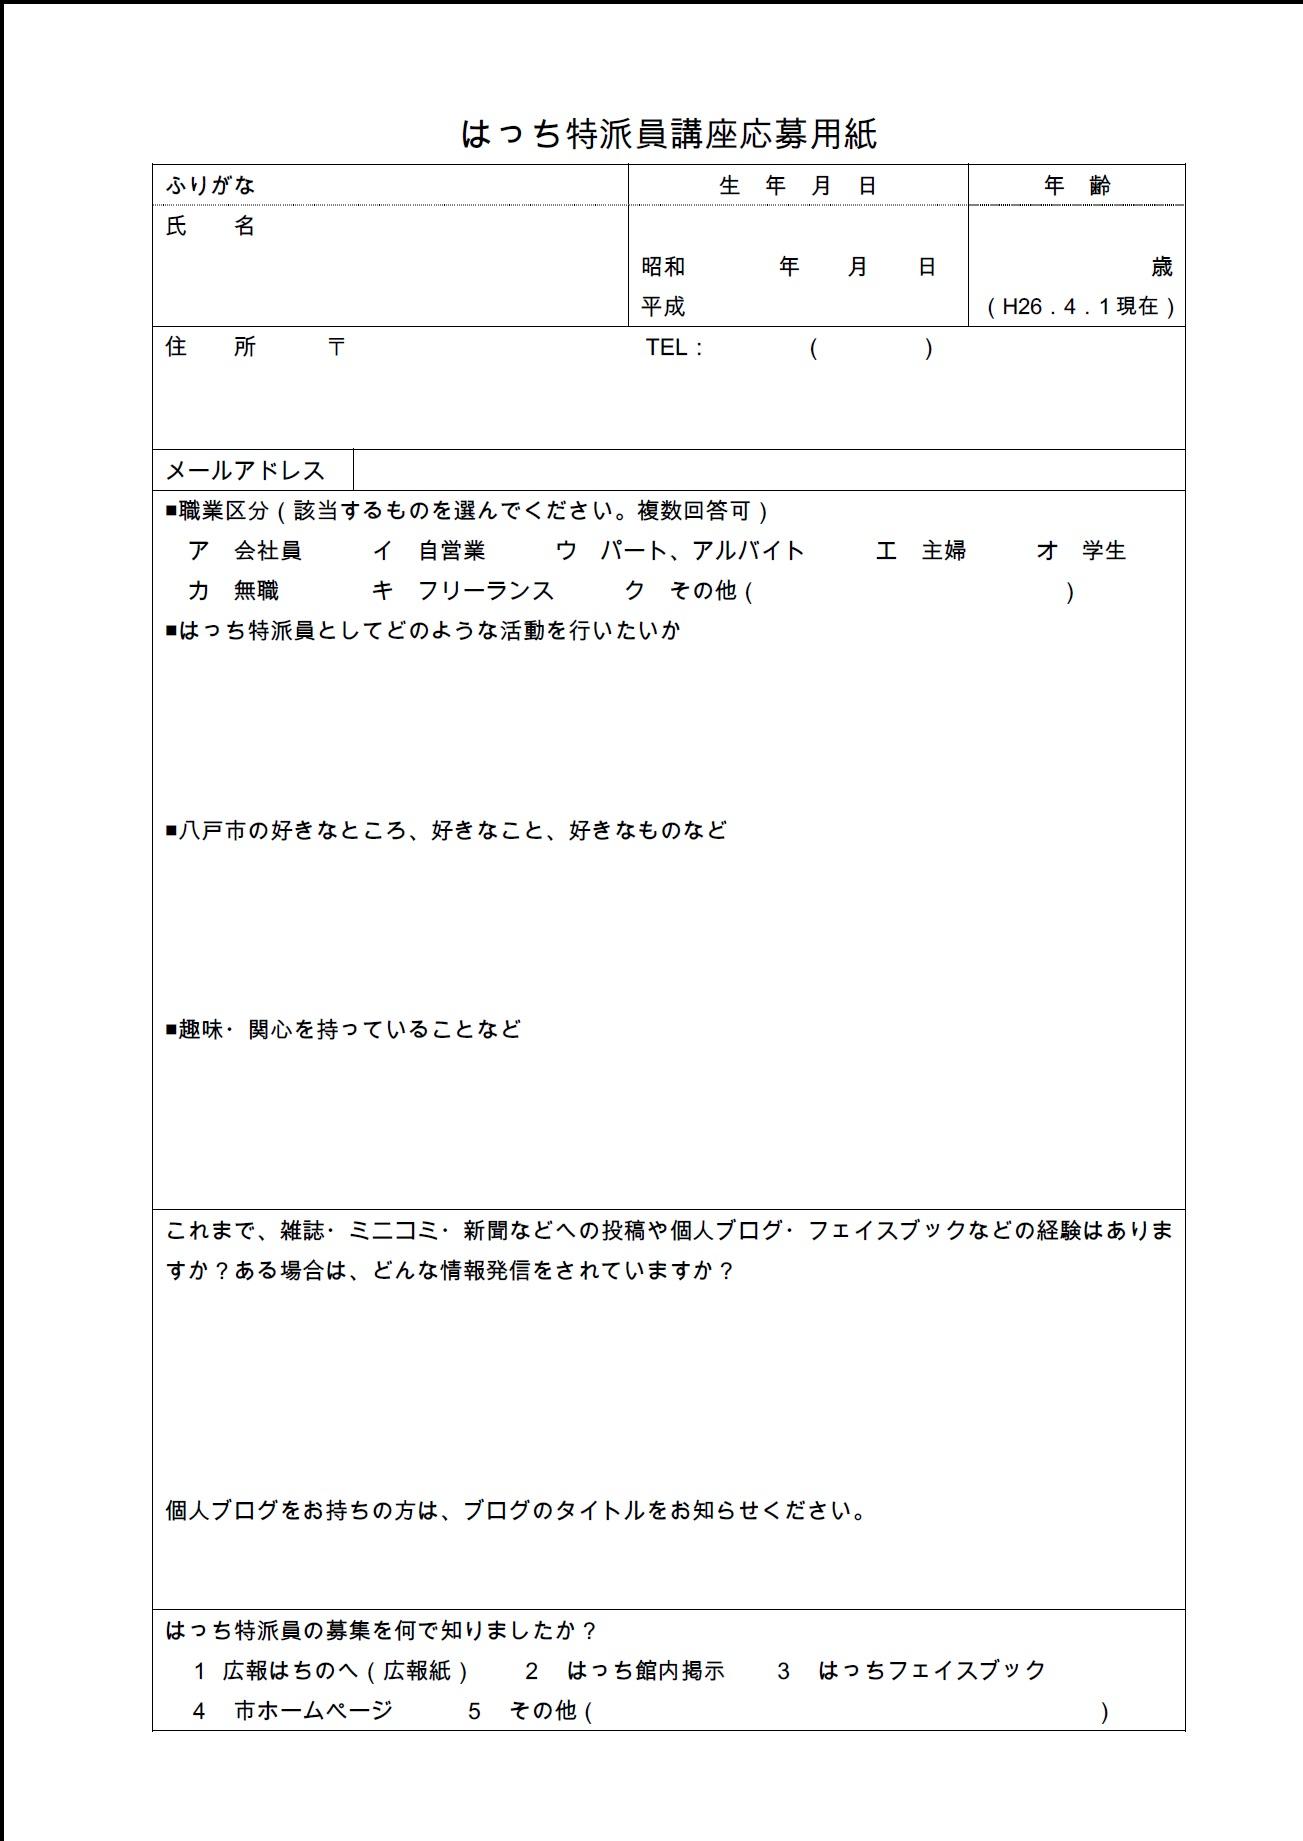 http://hacchi.jp/blog/upload/images/20140717_2.jpg